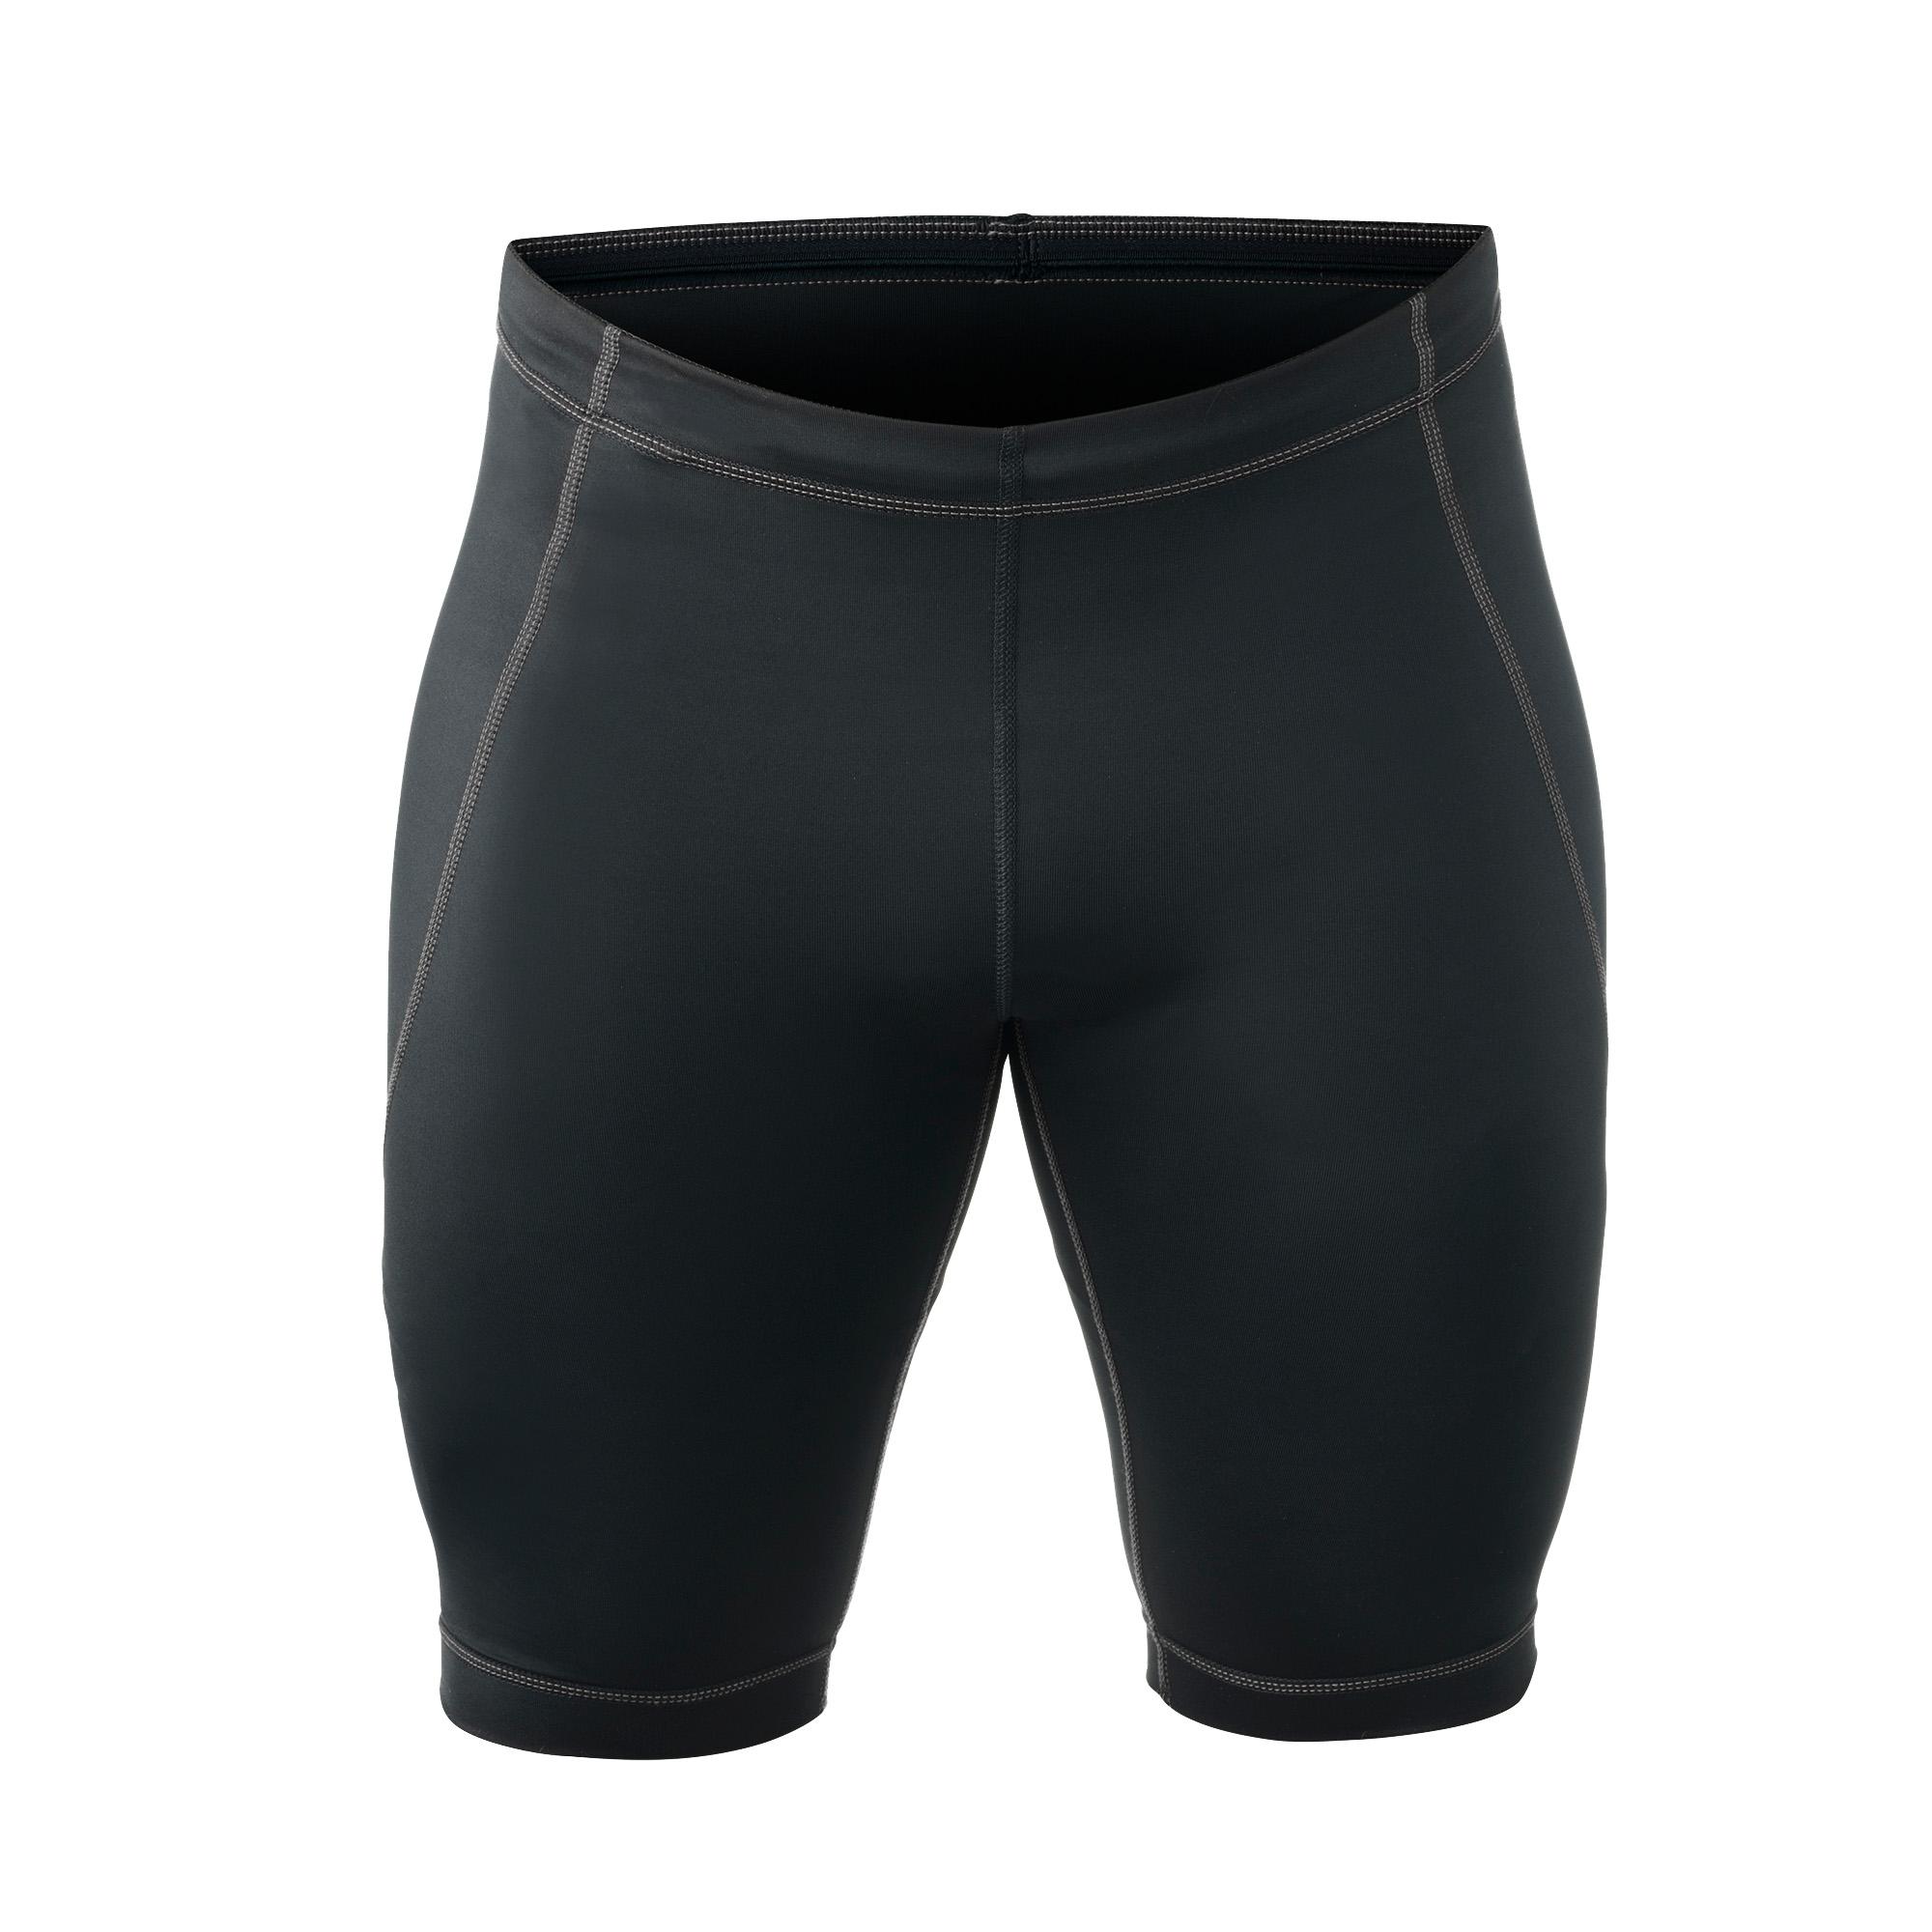 Rehband QD Compressie Shorts - Heren - Zwart - M